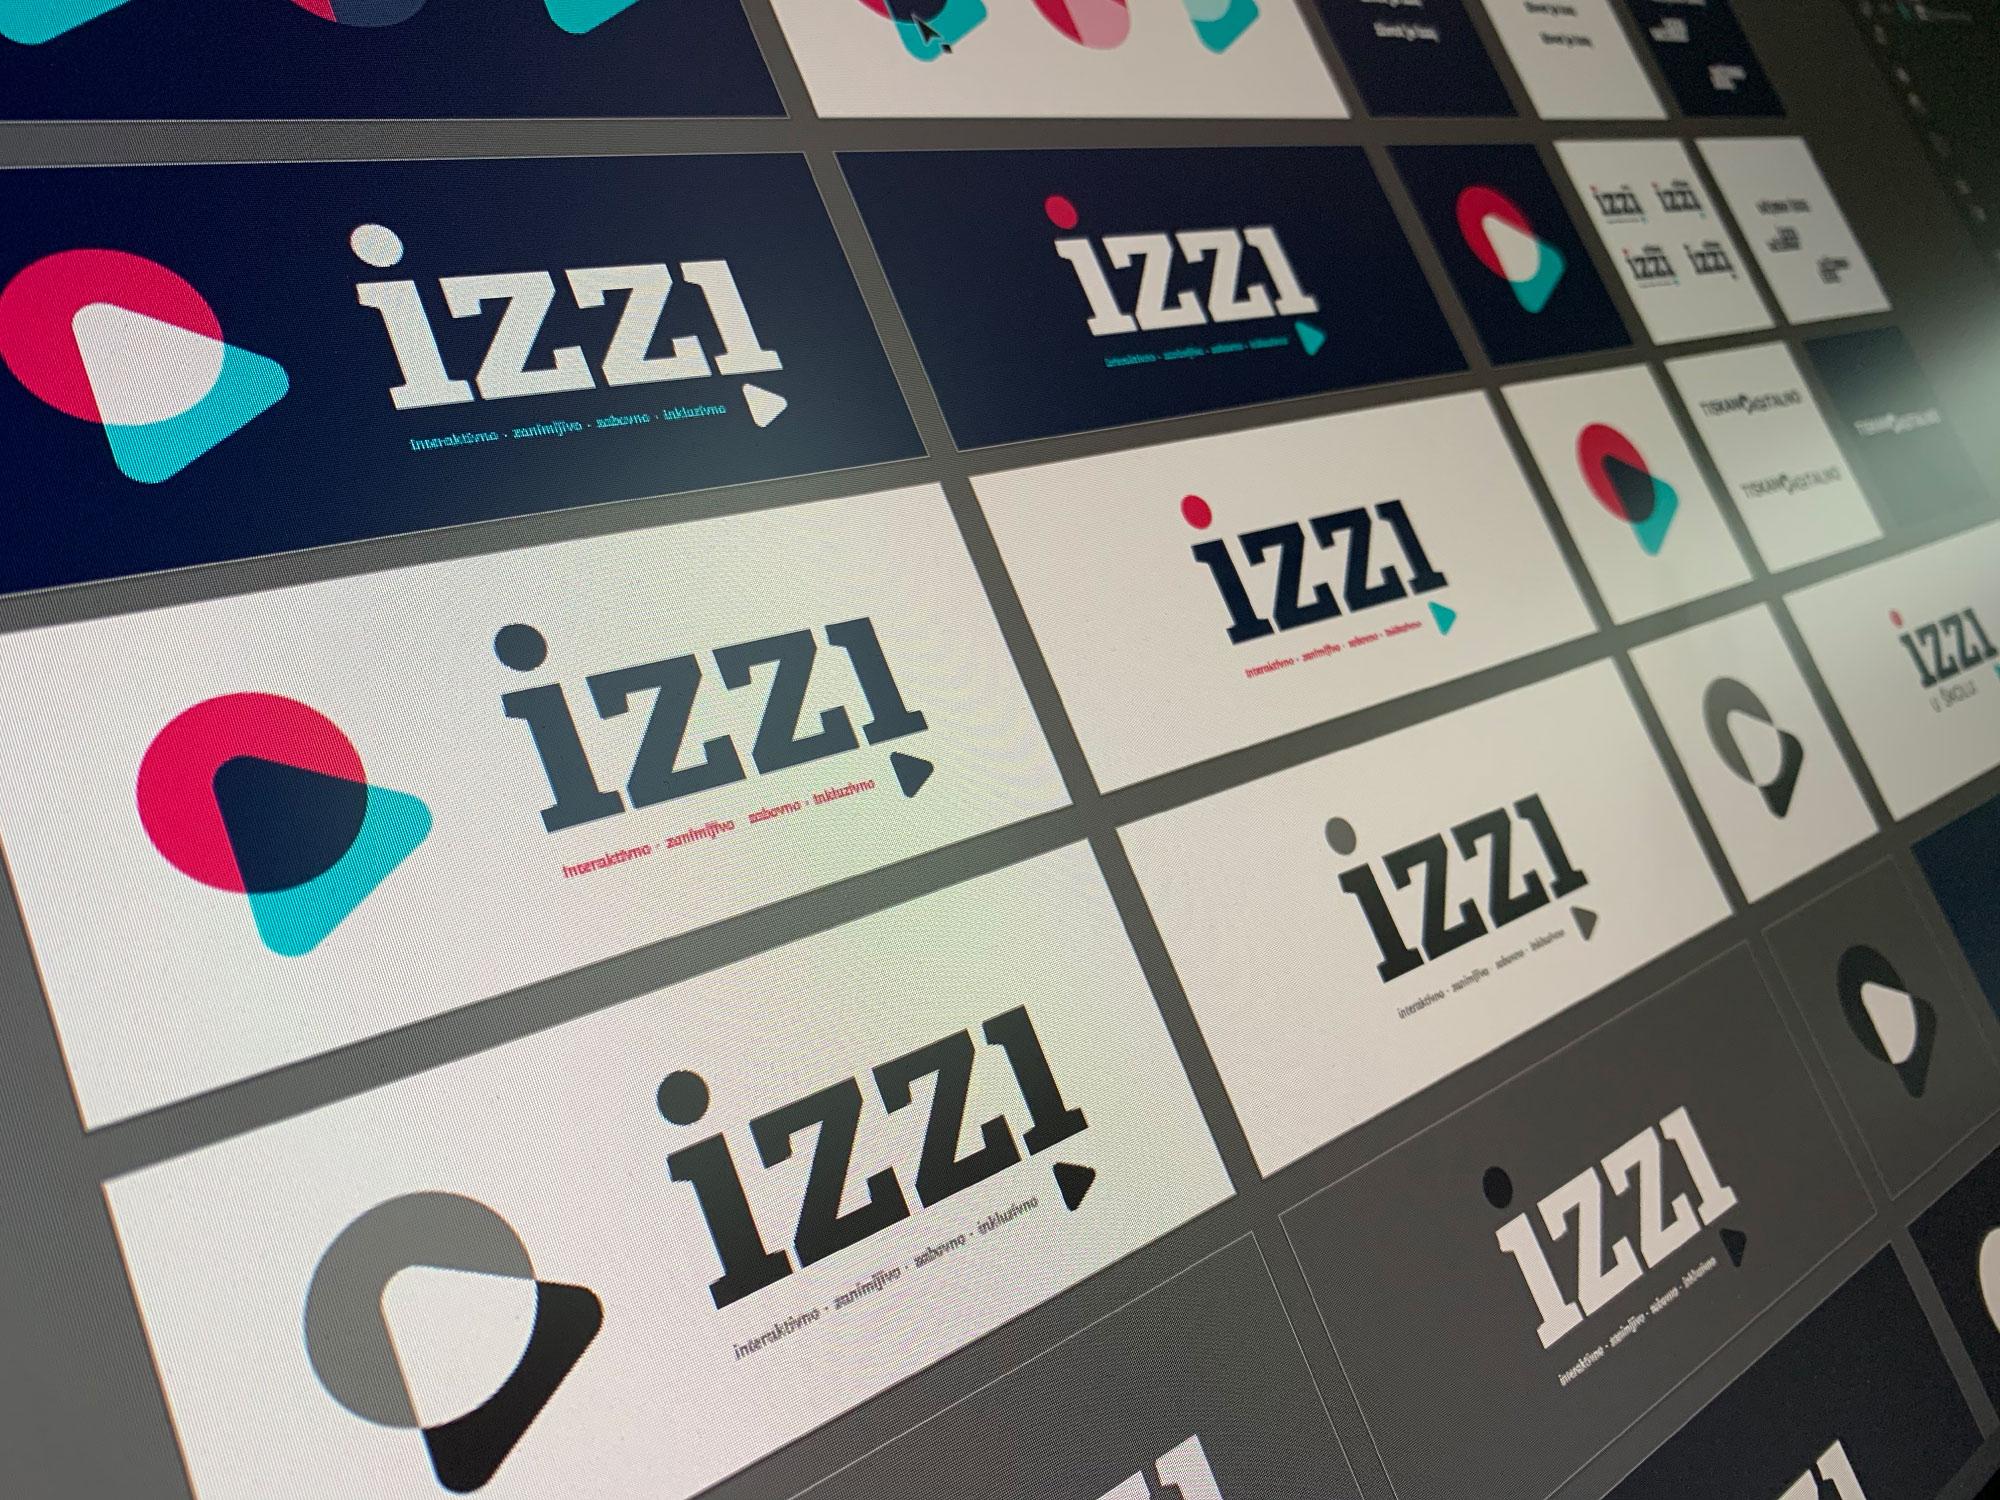 IZZI brand design